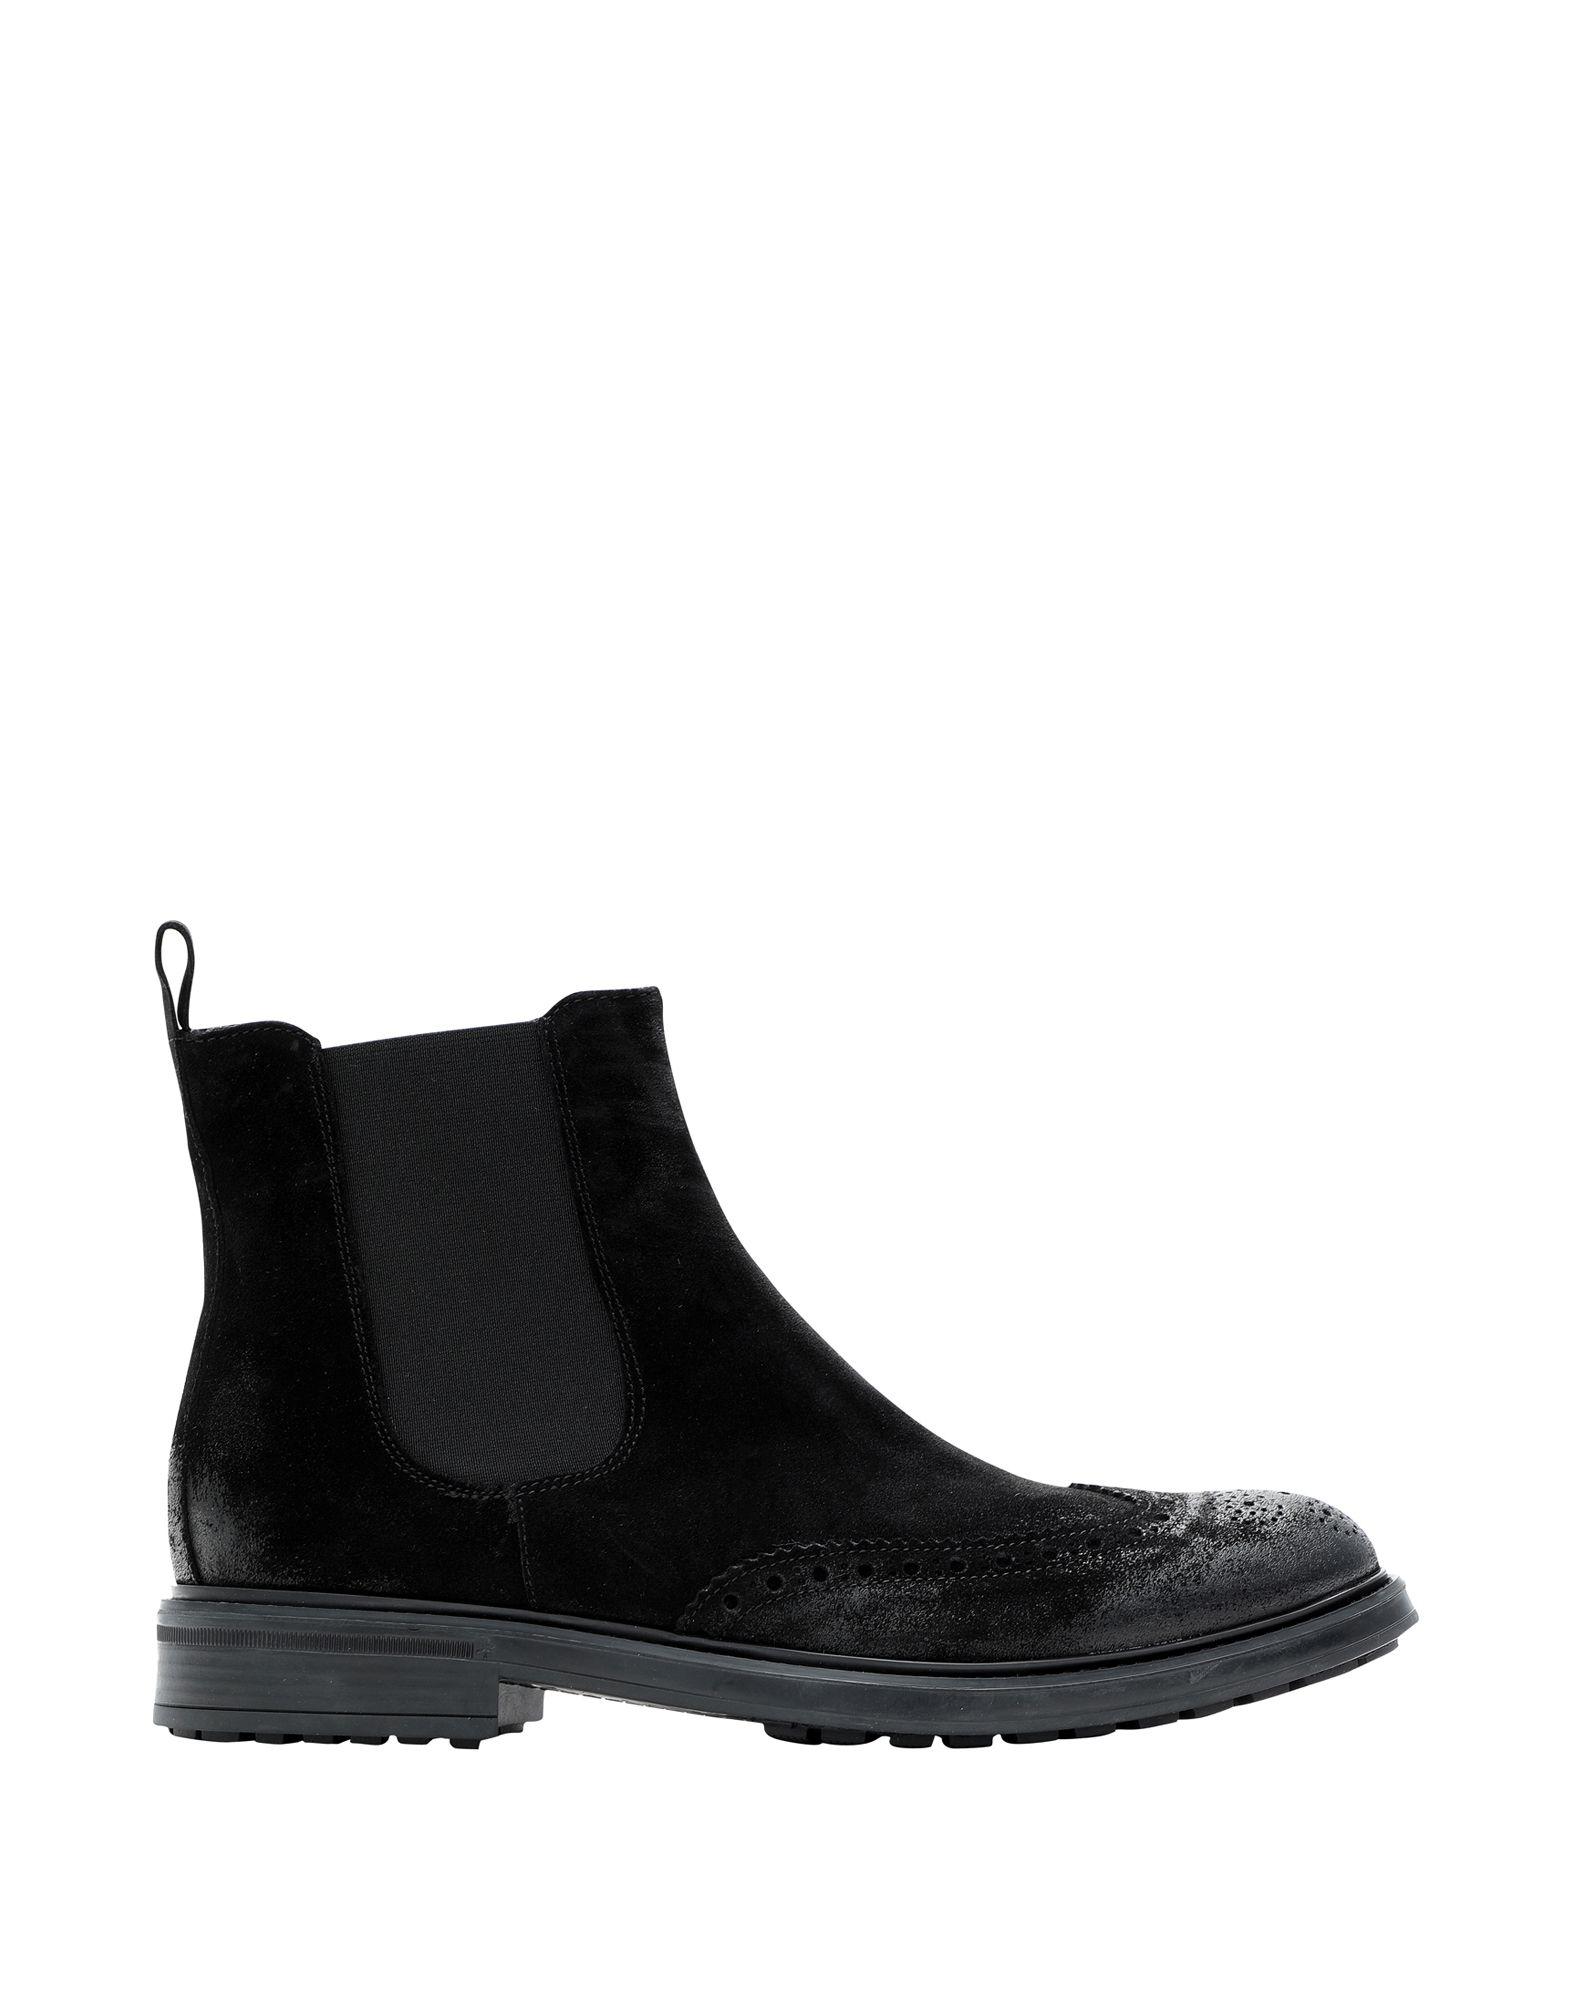 Eveet Boots - on Men Eveet Boots online on -  United Kingdom - 11524702FB 347762